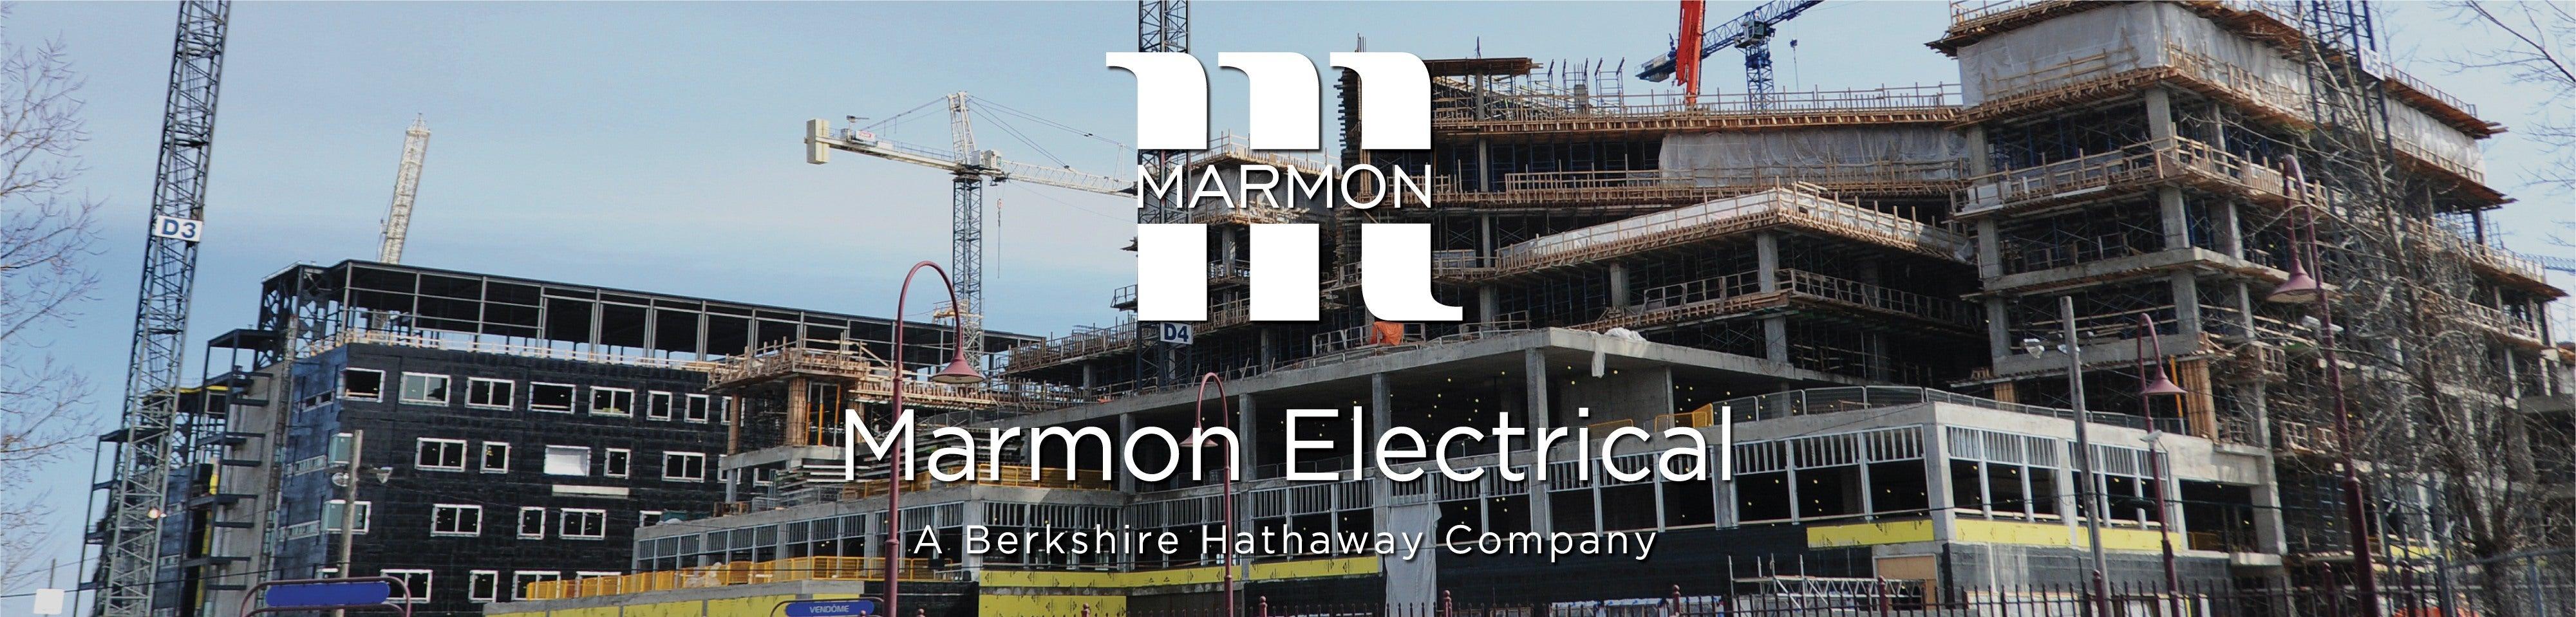 特色供应商横幅图像 -  Marmon Electrical.jpg